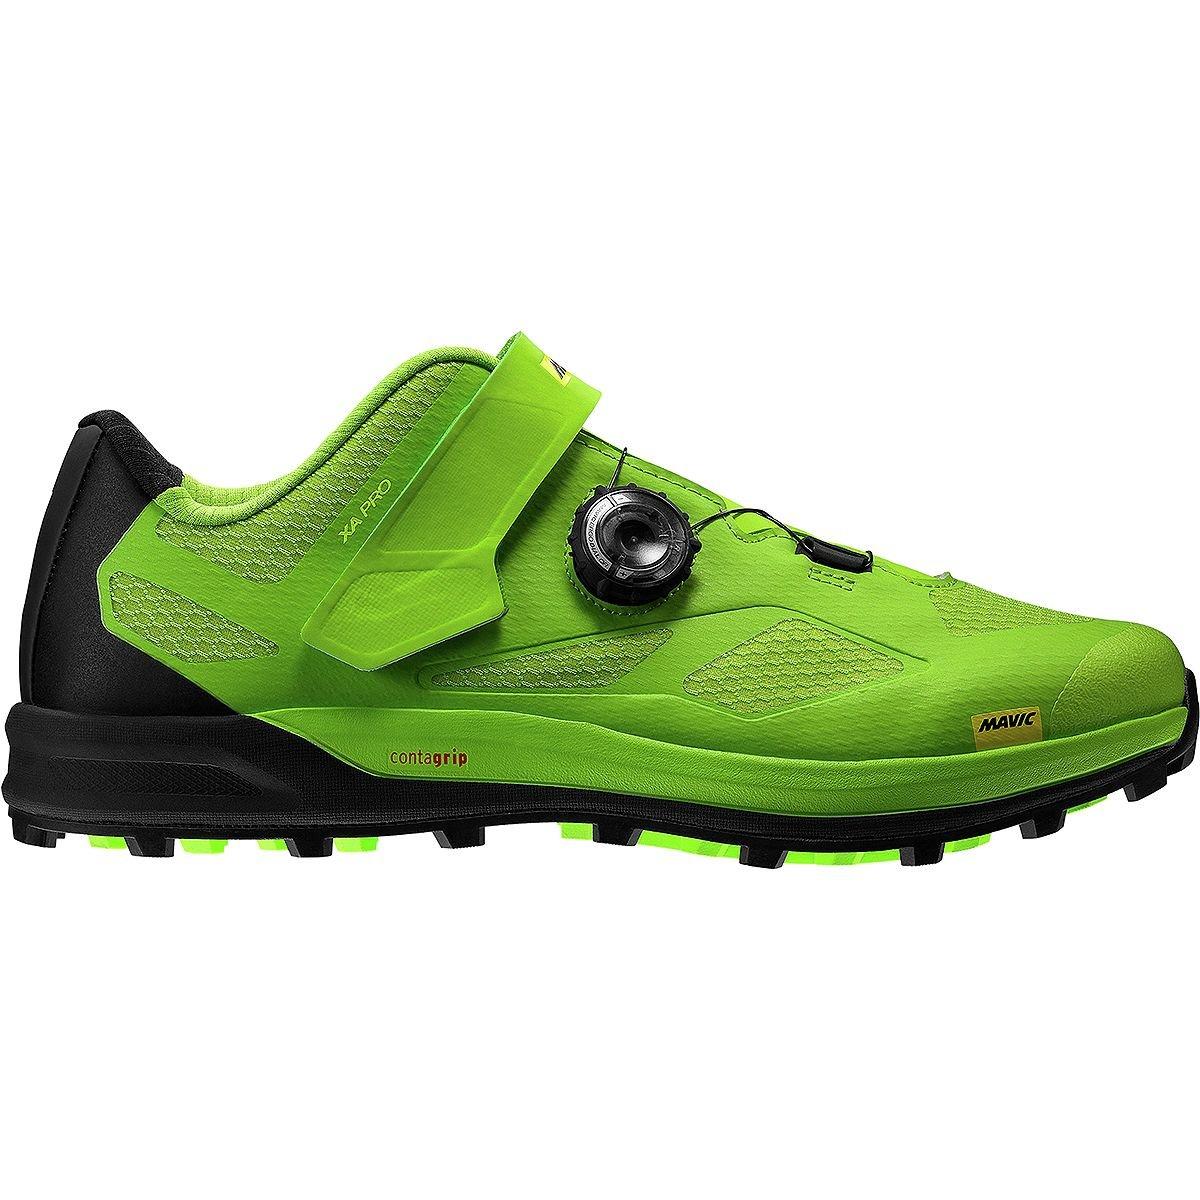 【開店記念セール!】 [マヴィック] XA L40031200 PRO (クロスアドベンチャー プロ) B078S4MCDG XA 11.0/UK PRO (クロスアドベンチャー プロ) メンズ L40031200 US 11.0/UK 10.5 Lime Green/Pirate Black/Safety Yellow B078S4MCDG, 弱電館:ba21377d --- arianechie.dominiotemporario.com